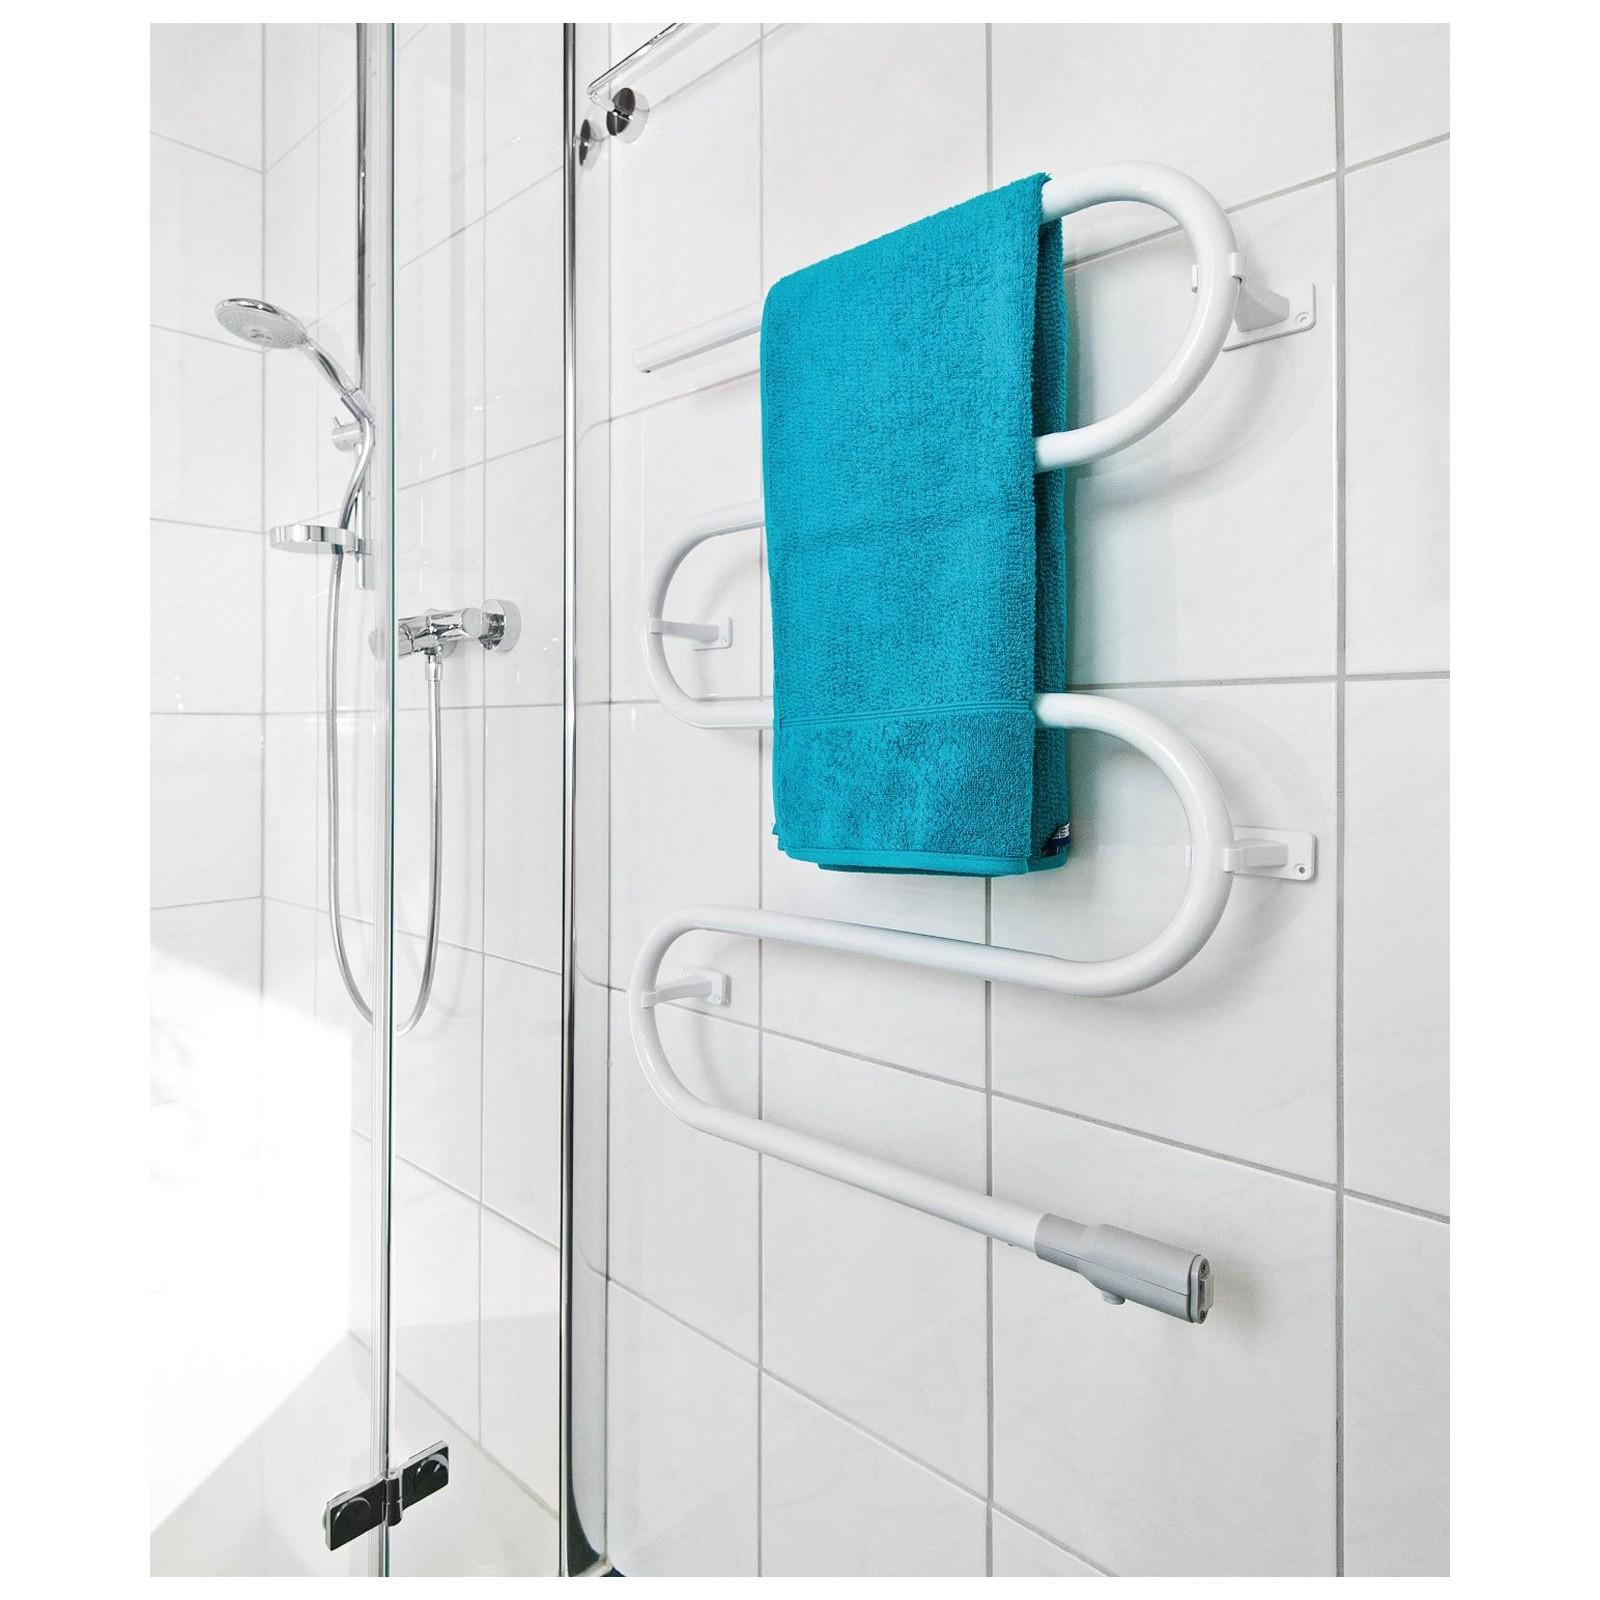 Termoarredo scaldasalviette radiatore elettrico portasciugamani da bagno bianco area illumina - Scaldasalviette da bagno ...